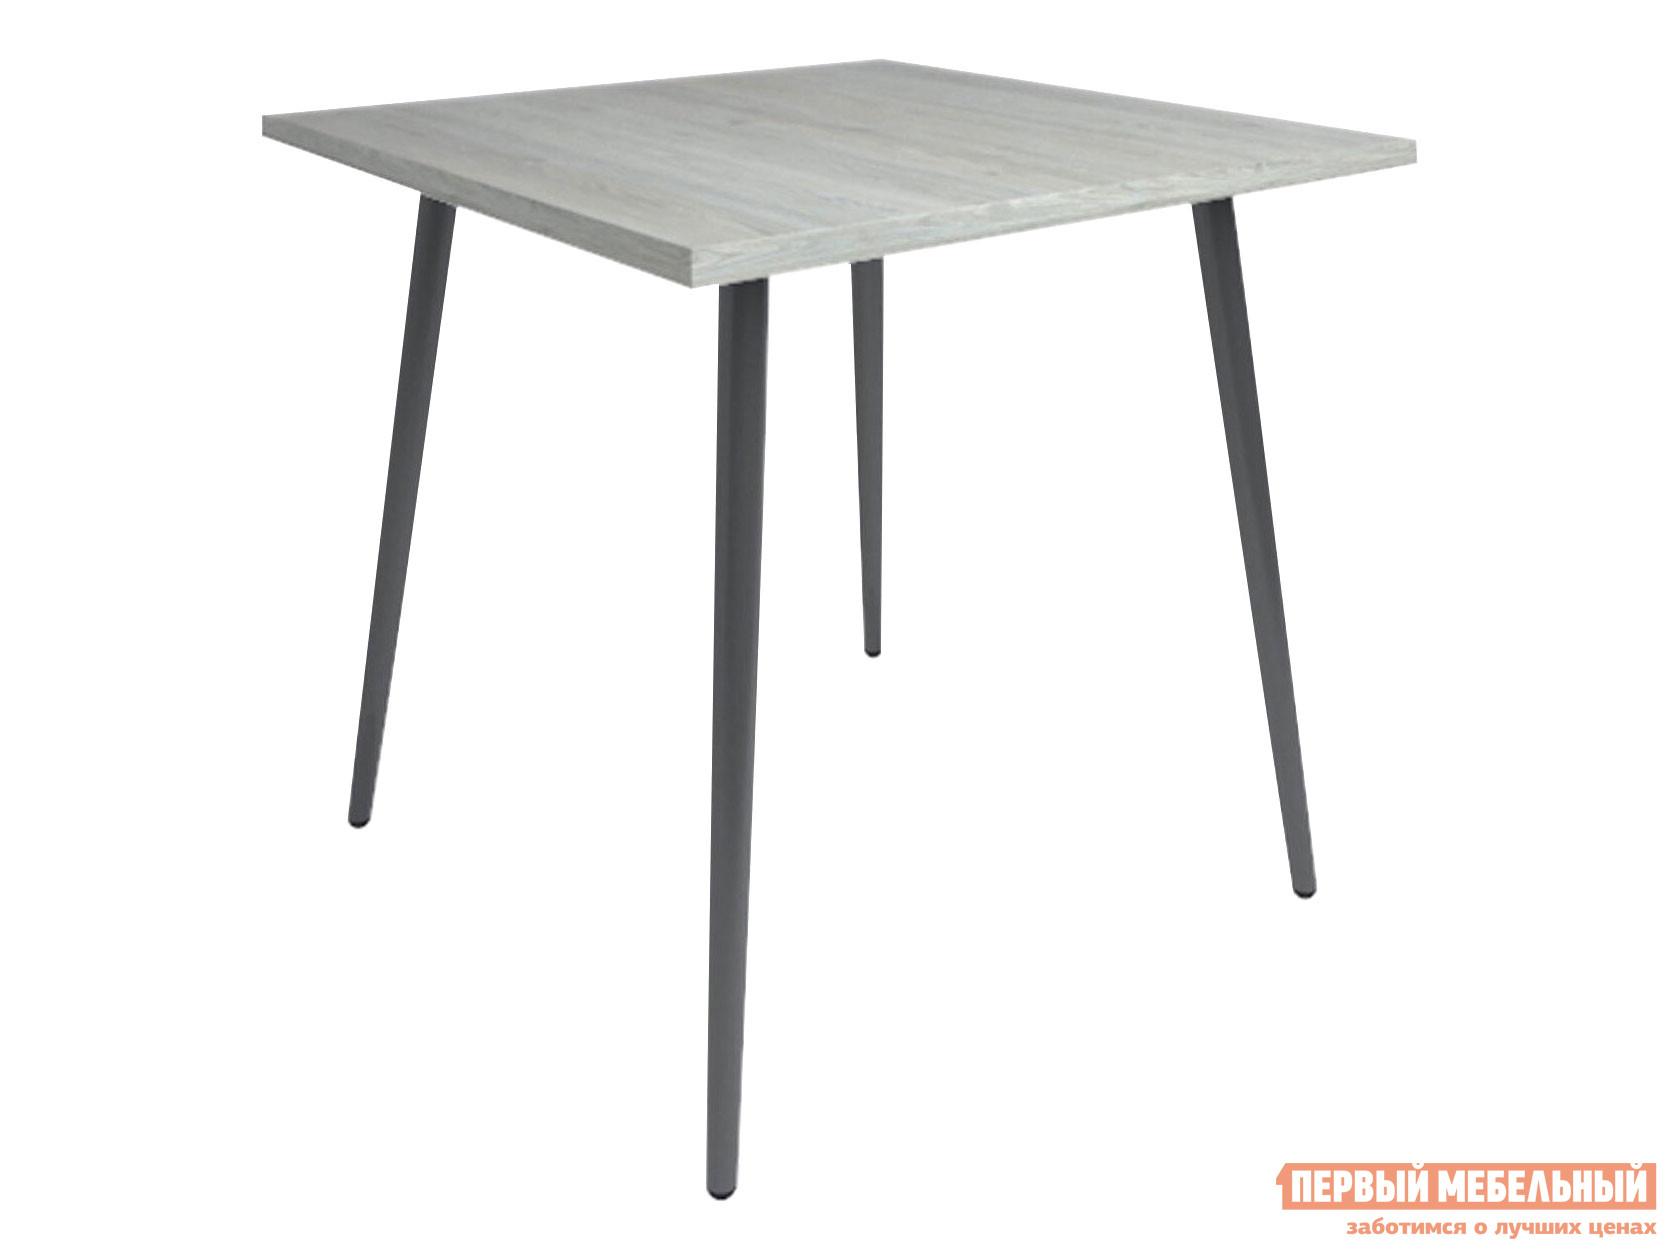 Кухонный стол  Бруно Наоми / Маренго, металл Мебвилл 124113